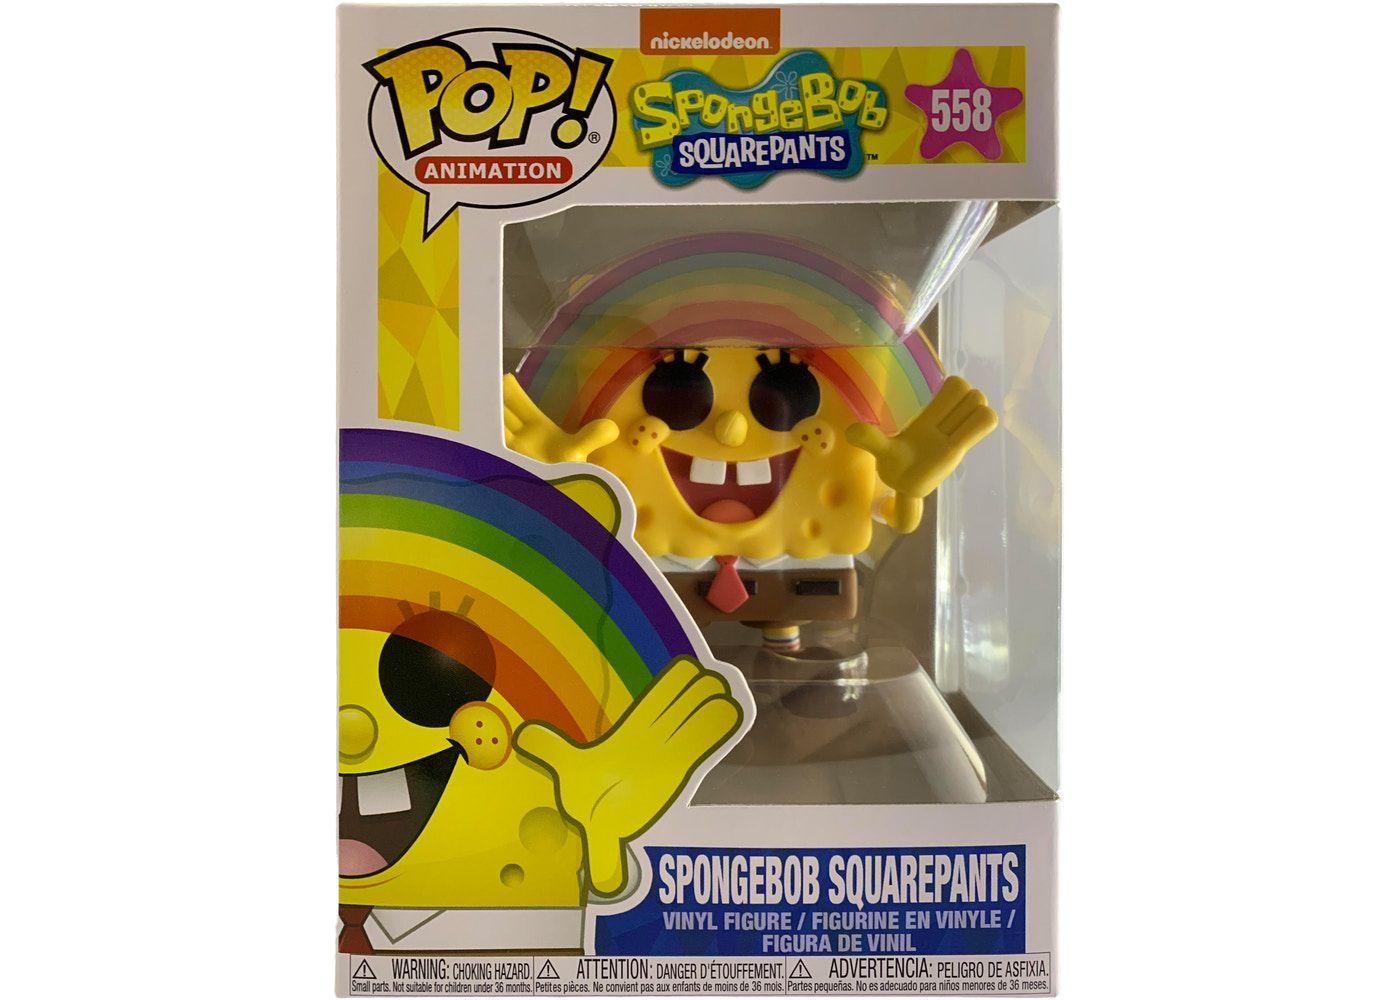 Funko Pop Bob Esponja Spongebob Arco Iris meme 558  - Game Land Brinquedos